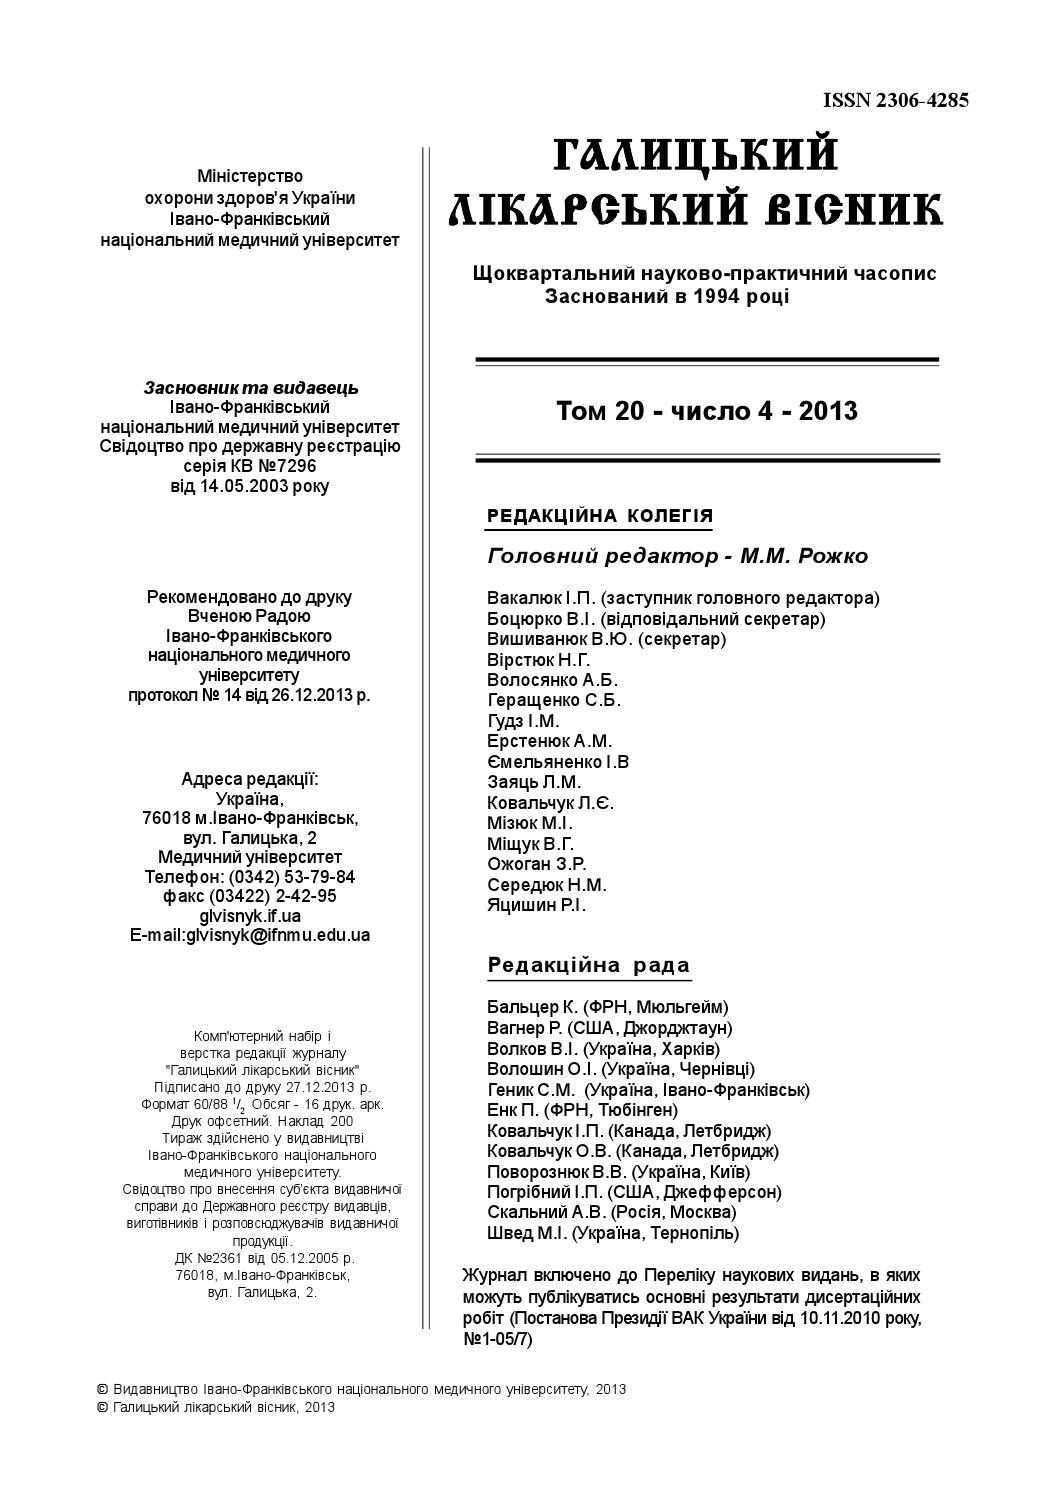 инструкция про порядок створення та организацию дияльности дпд дпк от 24 12 09